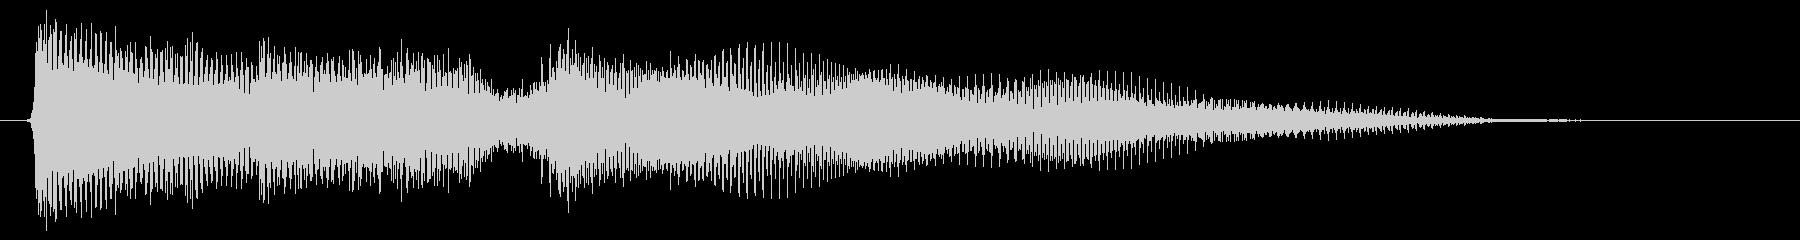 場面転換 クリーンギターのアルペジオの未再生の波形